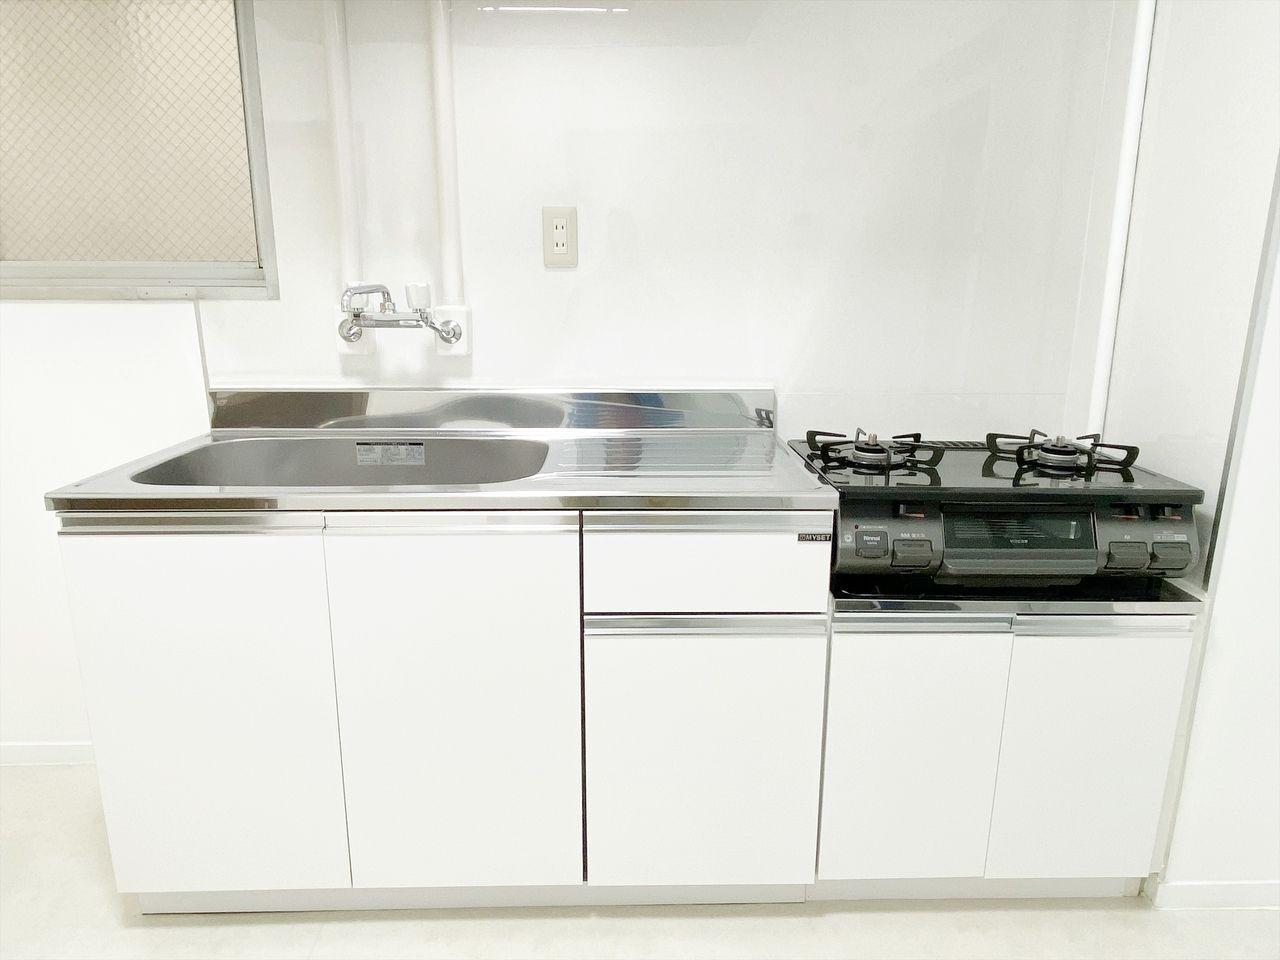 ハセガワハイツはキッチンも新品で綺麗。ガスコンロ2口設置済みでまな板を置くスペースもありお料理楽々です